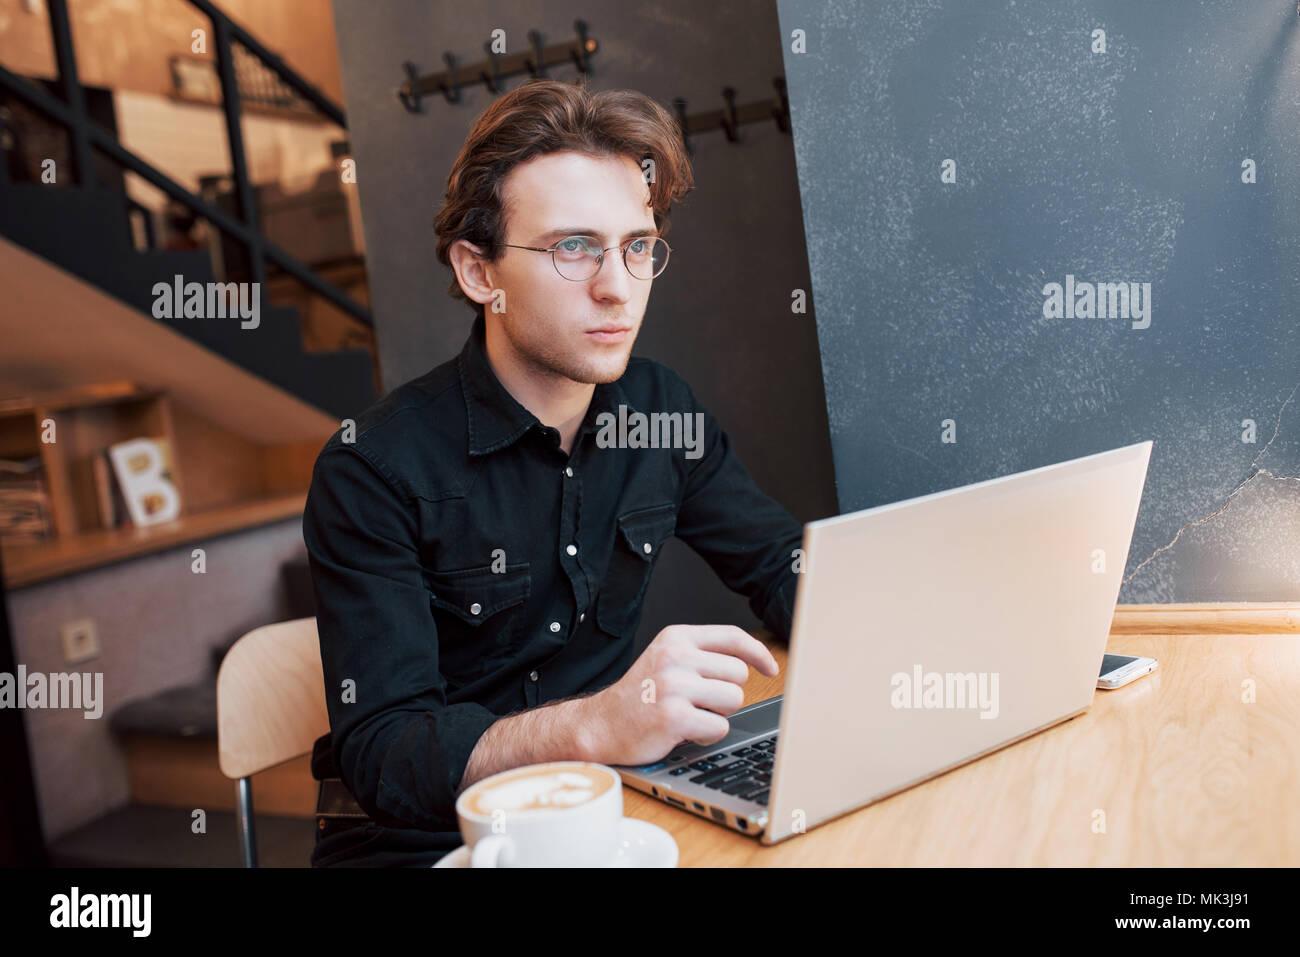 L'homme créatif designer travaillant sur son ordinateur portable lors de l'attente à l'ordre à son favori à l'intérieur, café étudiant travaillant sur le bénéfice net de bord pendant le petit déjeuner du matin au café de l'intérieur moderne Banque D'Images